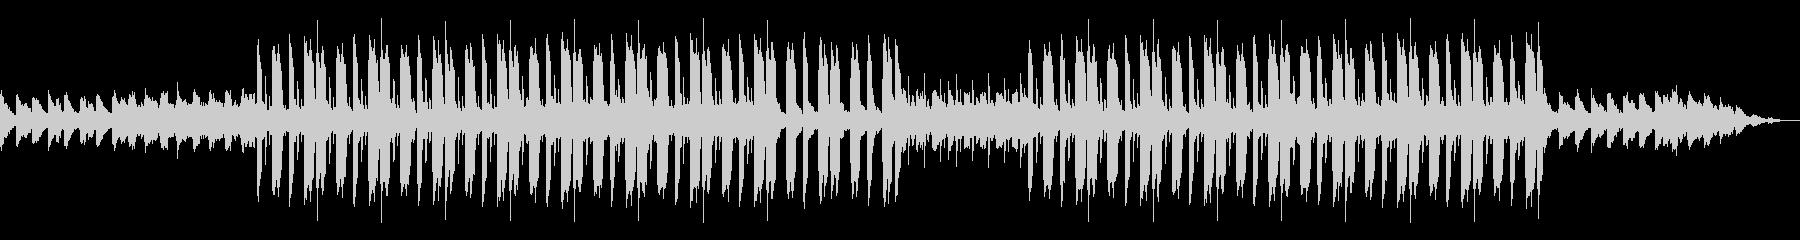 ムード溢れるローファイヒップホップBGMの未再生の波形